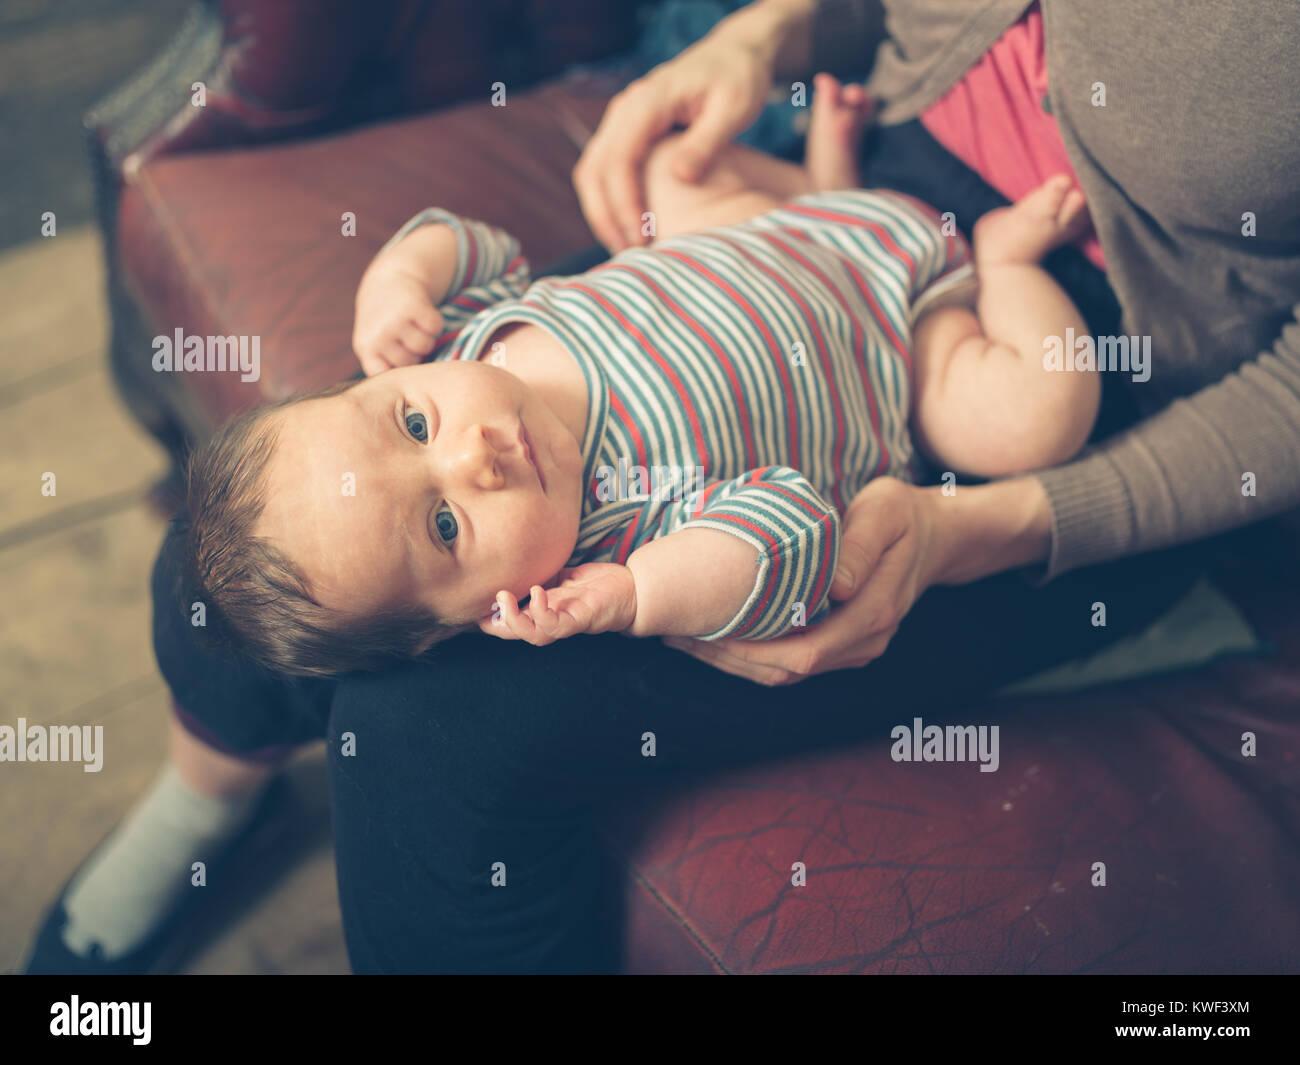 Ein glückliches Baby auf dem Schoß seiner Mutter zu Hause Stockbild